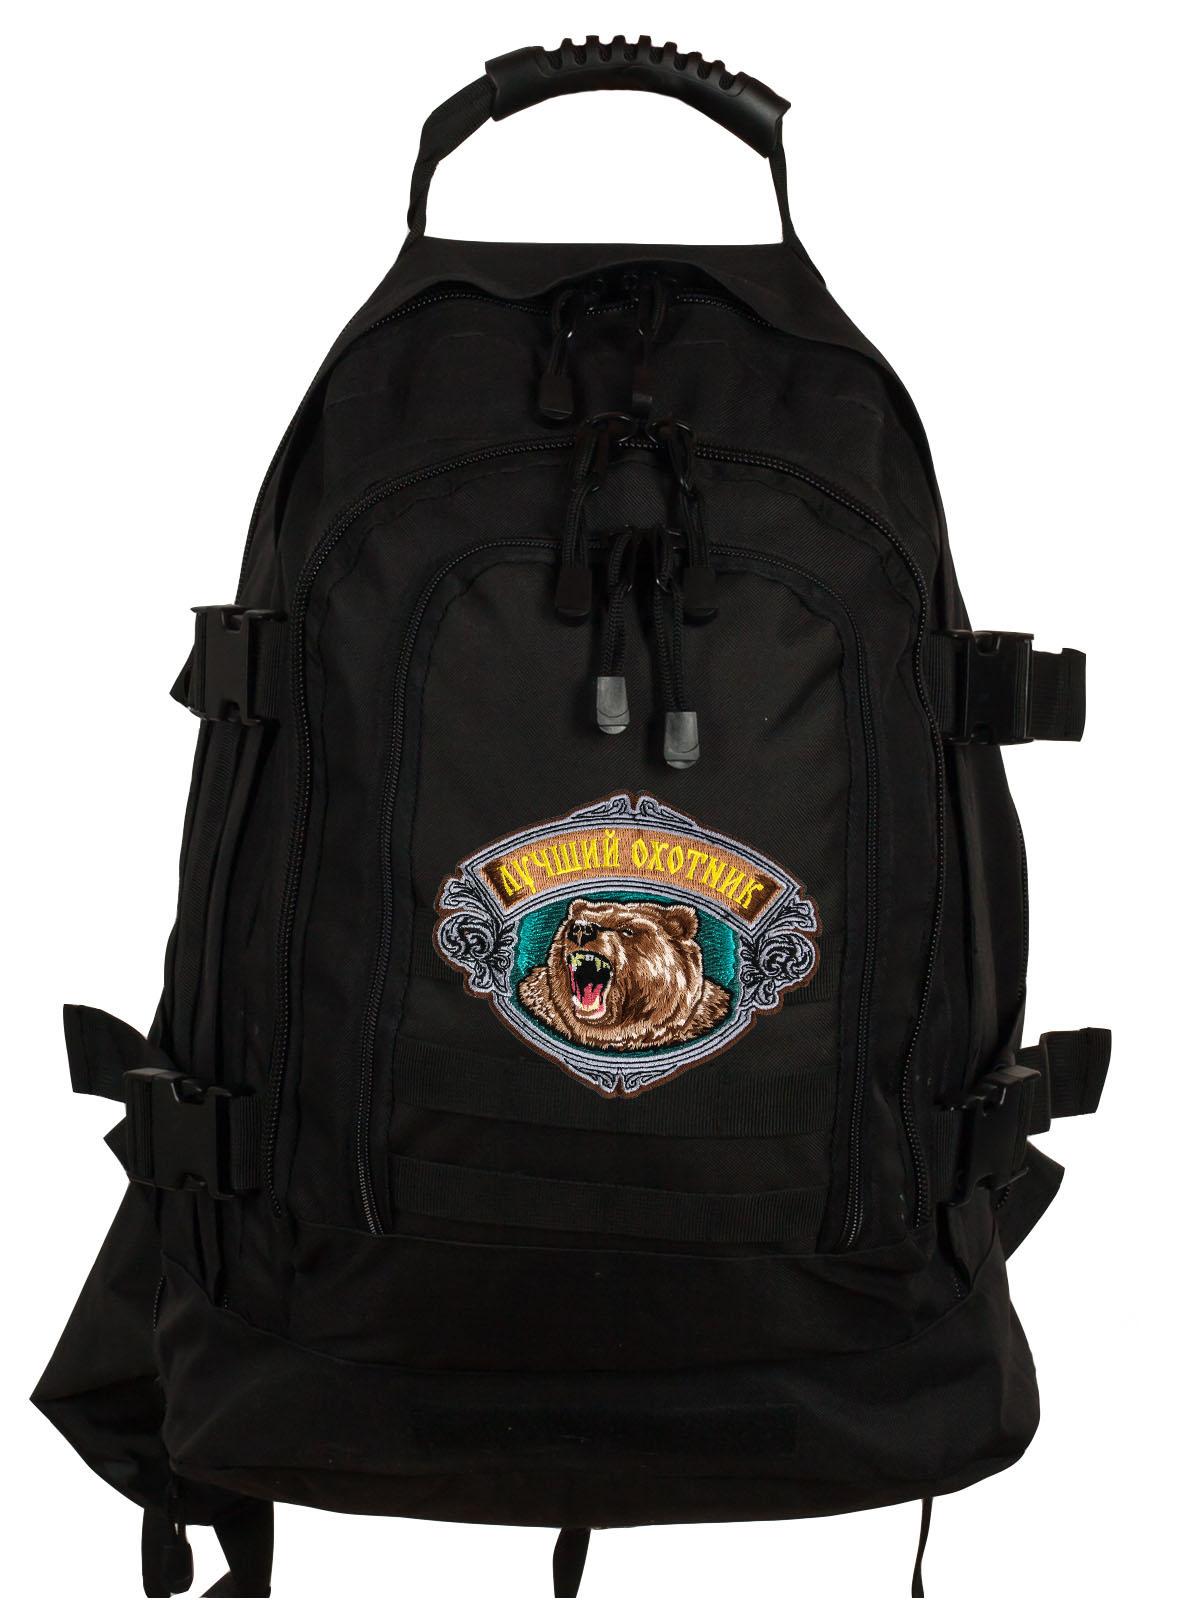 Надежный трехдневный рюкзак с нашивкой Лучший Охотник - купить оптом